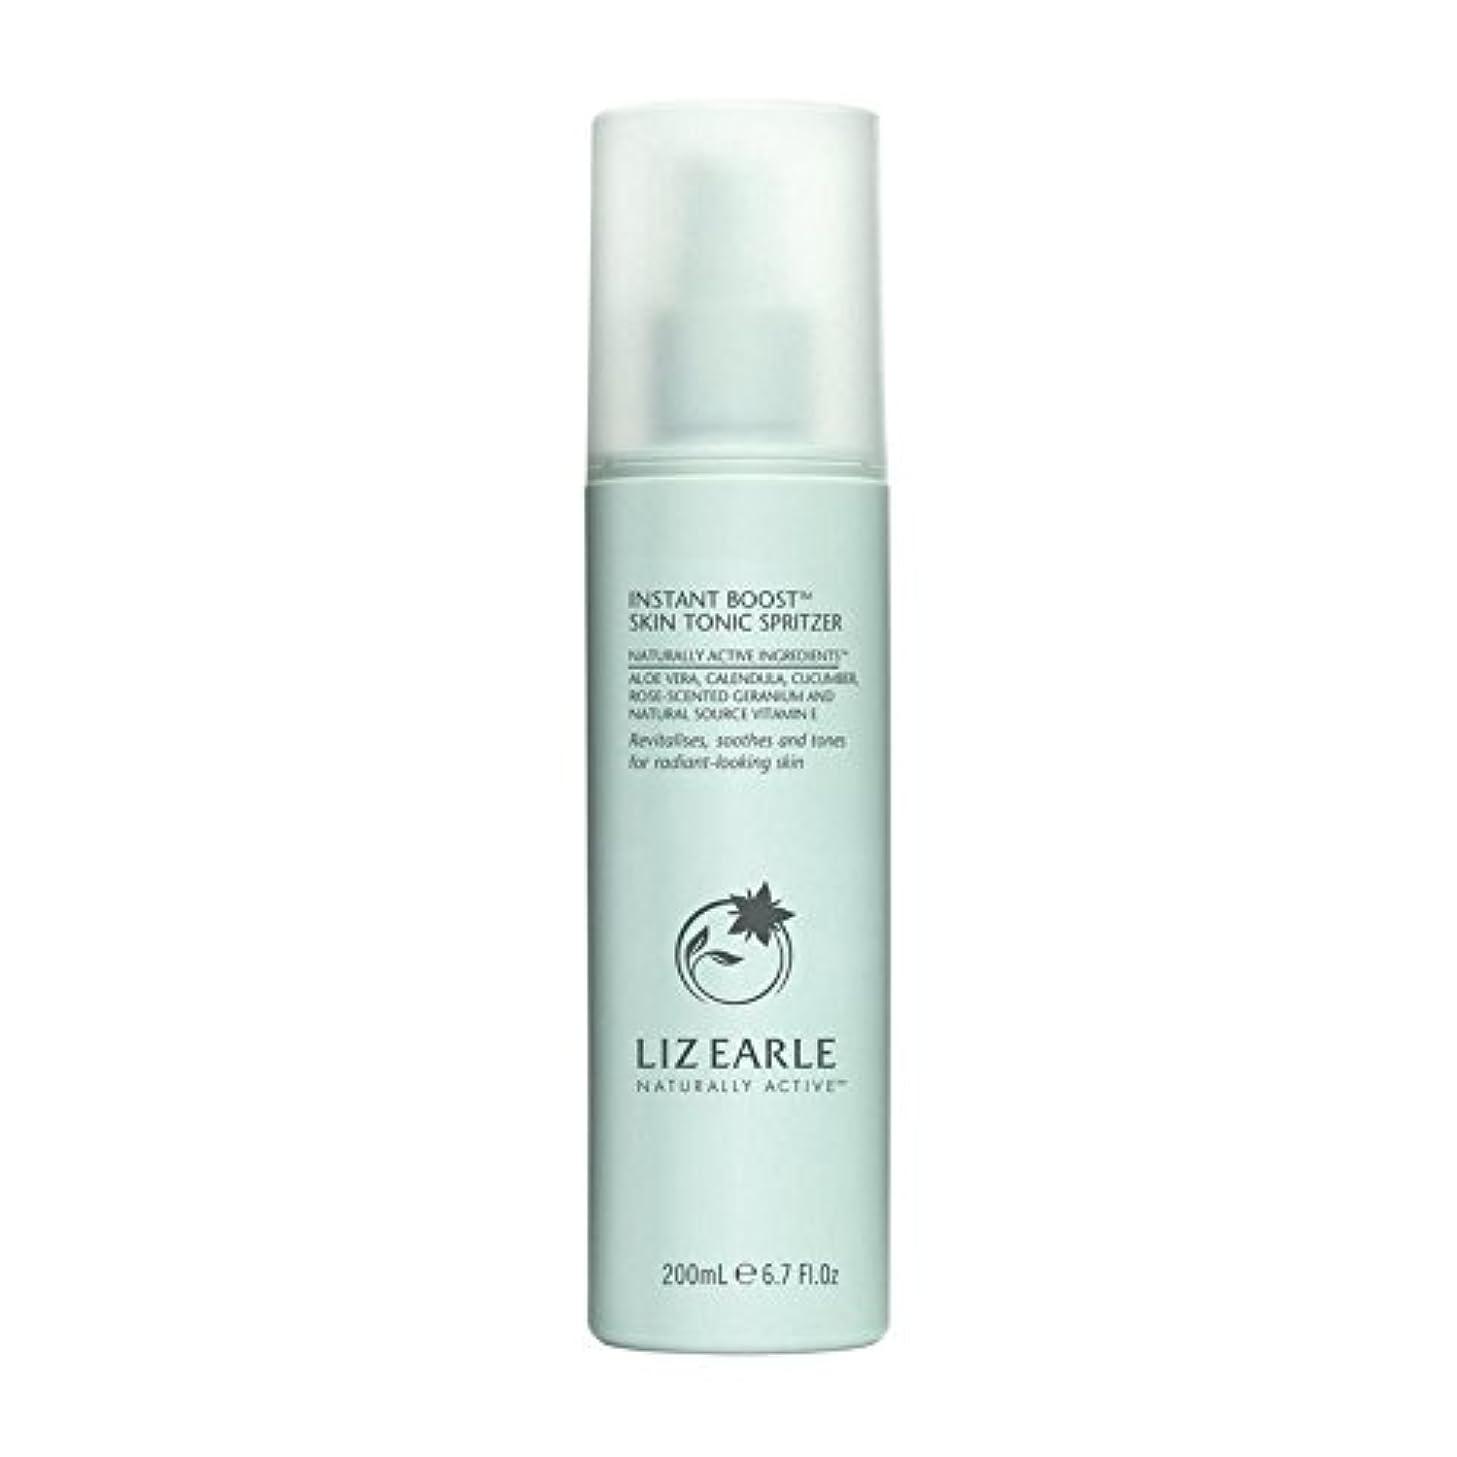 混雑摂氏度エゴマニアリズアールインスタントブーストスキントニックスプリッツァーの200ミリリットル x4 - Liz Earle Instant Boost Skin Tonic Spritzer 200ml (Pack of 4) [並行輸入品]